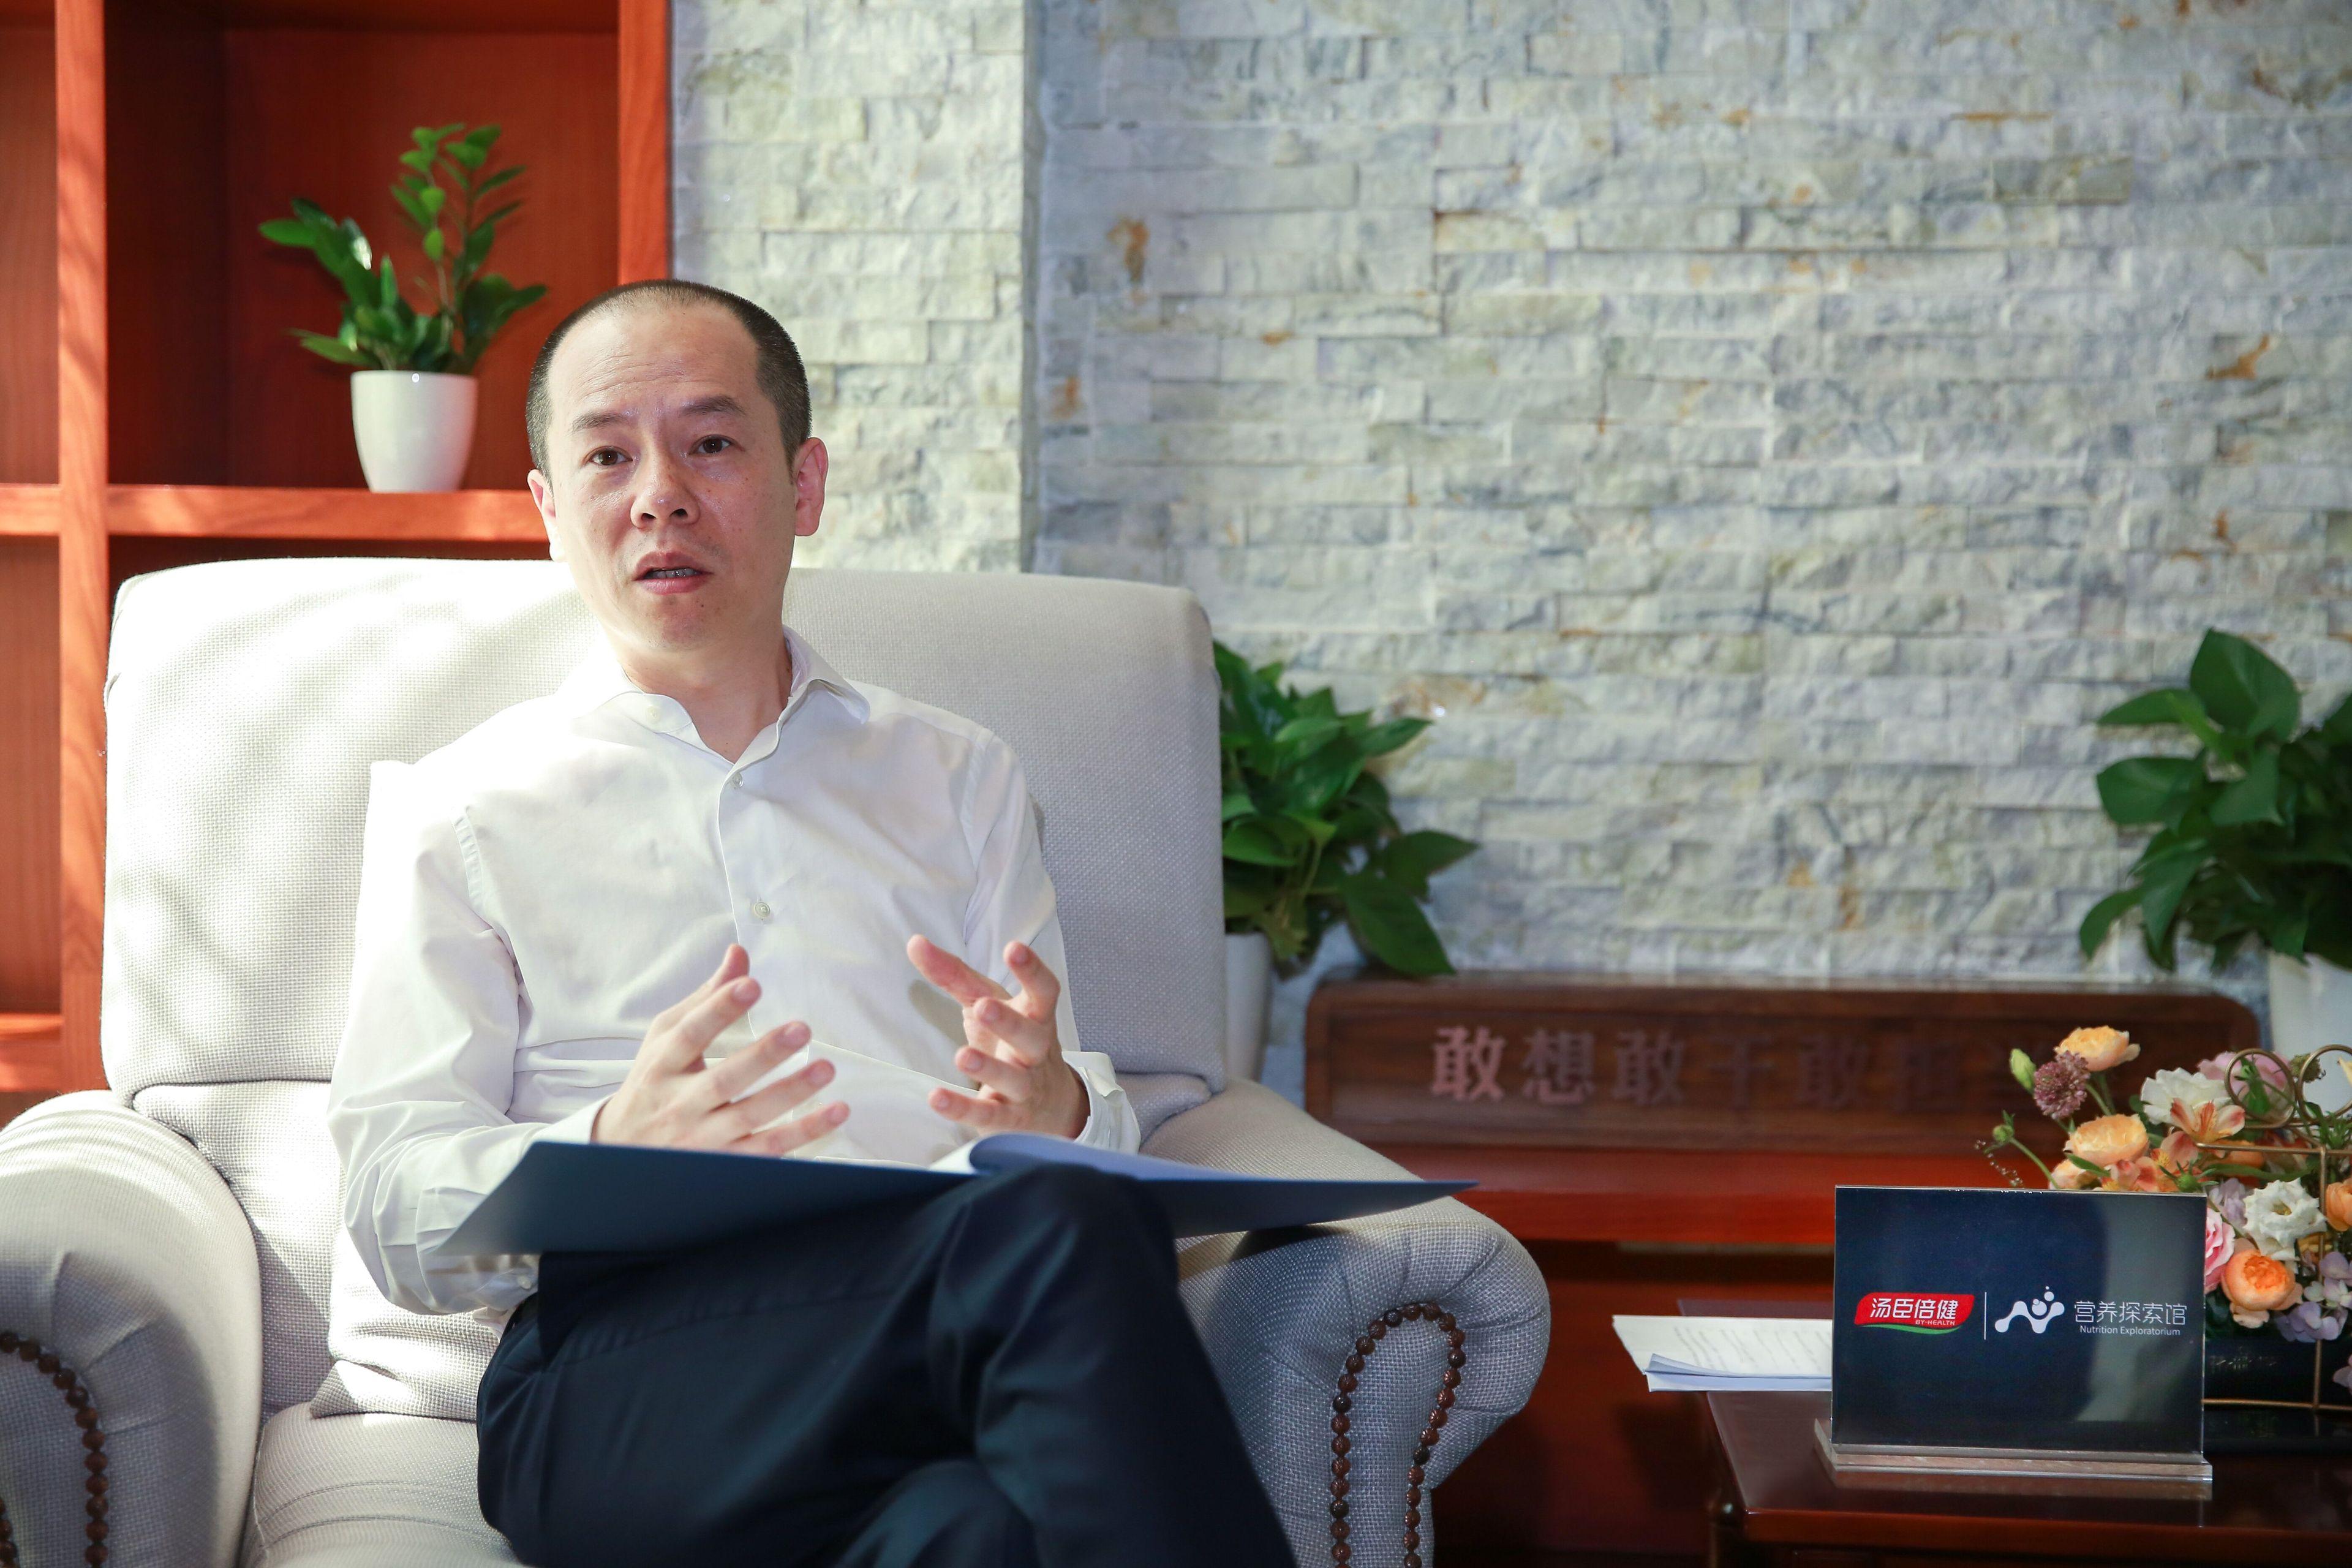 汤臣倍健CEO林志成:今年保健食品市场增速将放缓,龙头品牌竞争更激烈